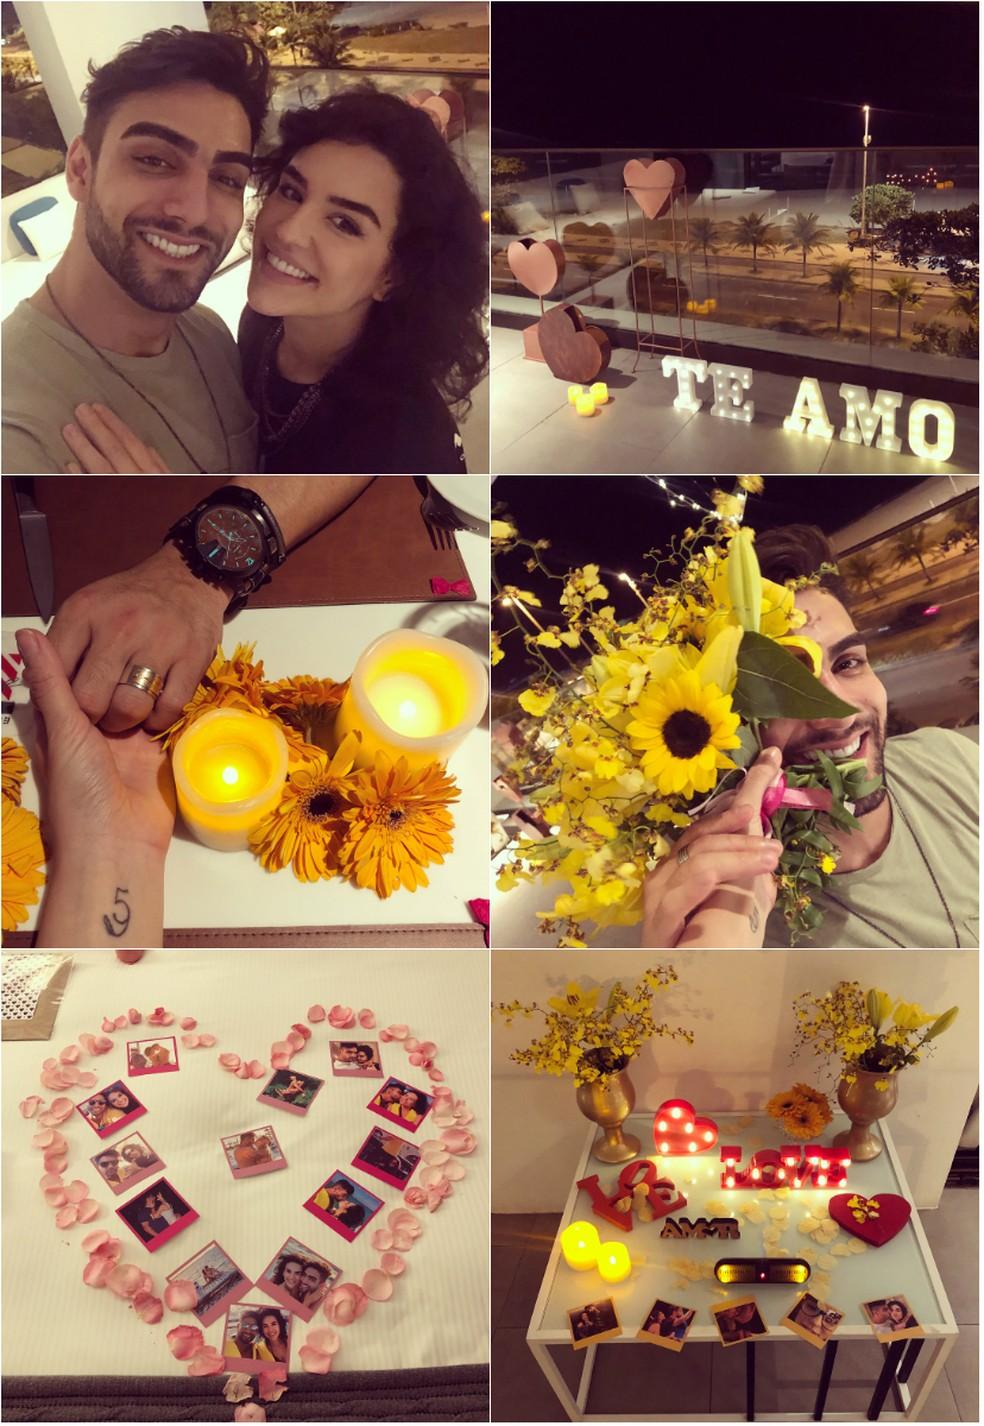 Kéfera e o DJ Eme fazem declarações de amor nas redes sociais e trocaram anel de compromisso — Foto: Arquivo pessoal